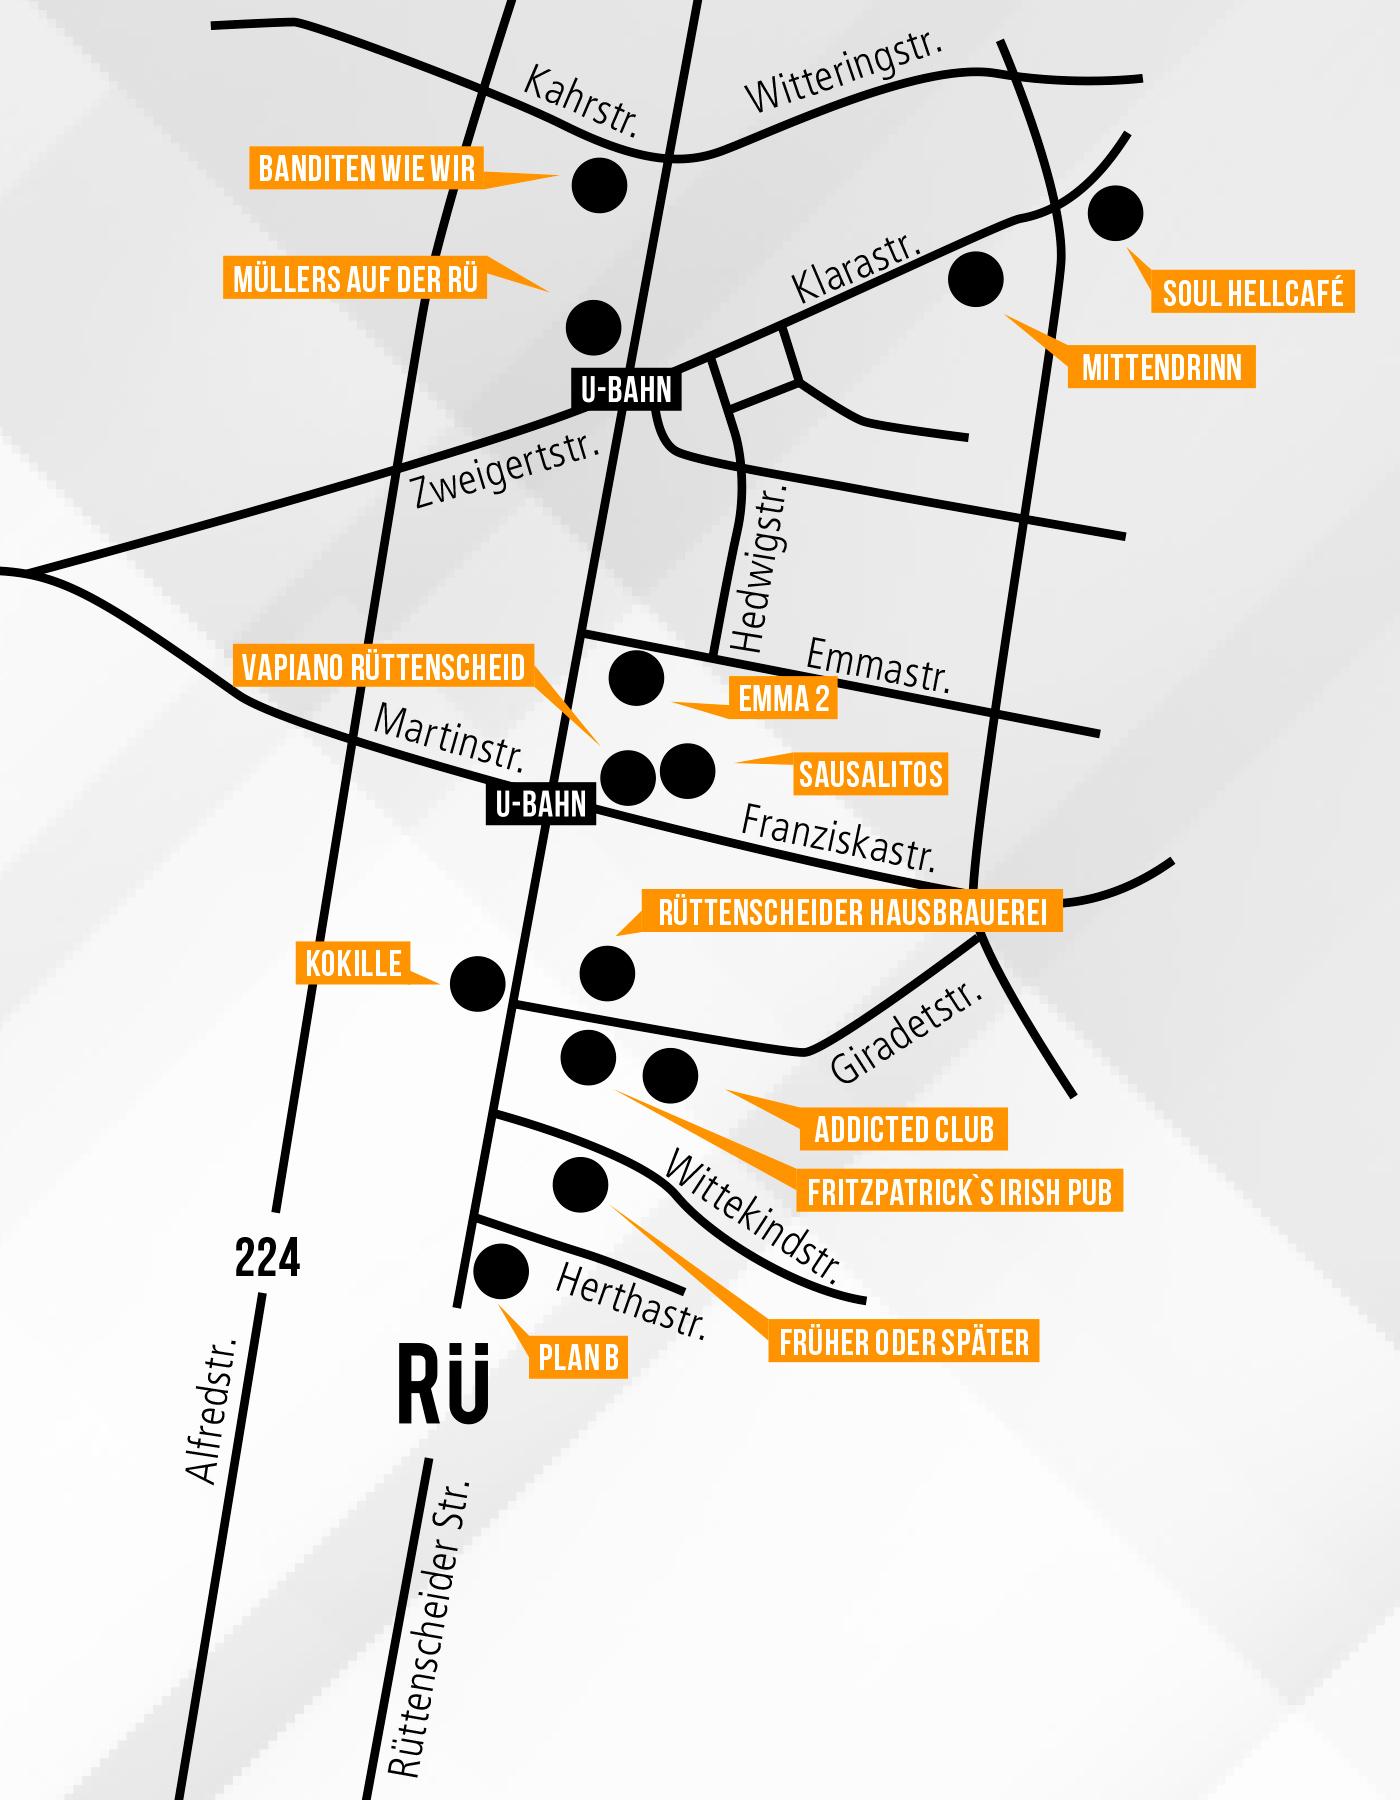 Straßenplan für die RÜ Musiknacht